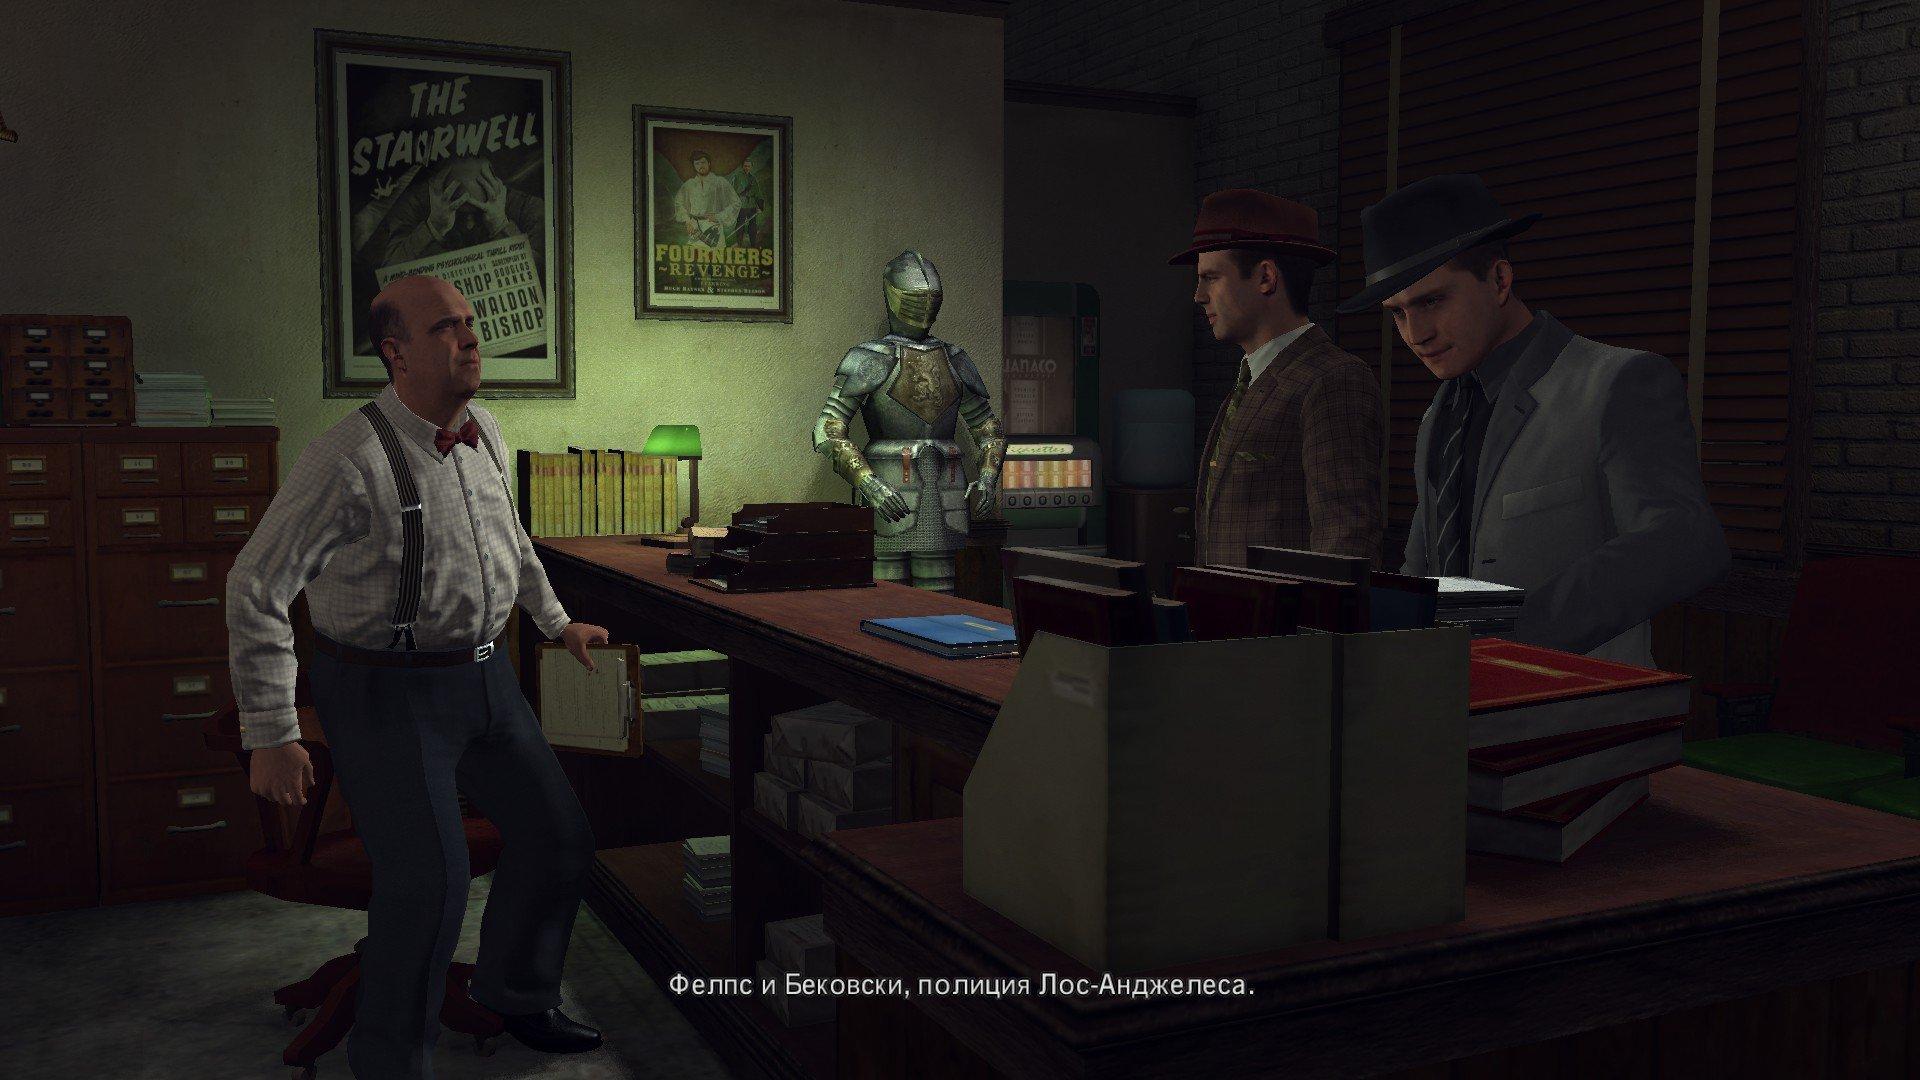 Пост-прохождение L.A. Noire Часть 5. - Изображение 32